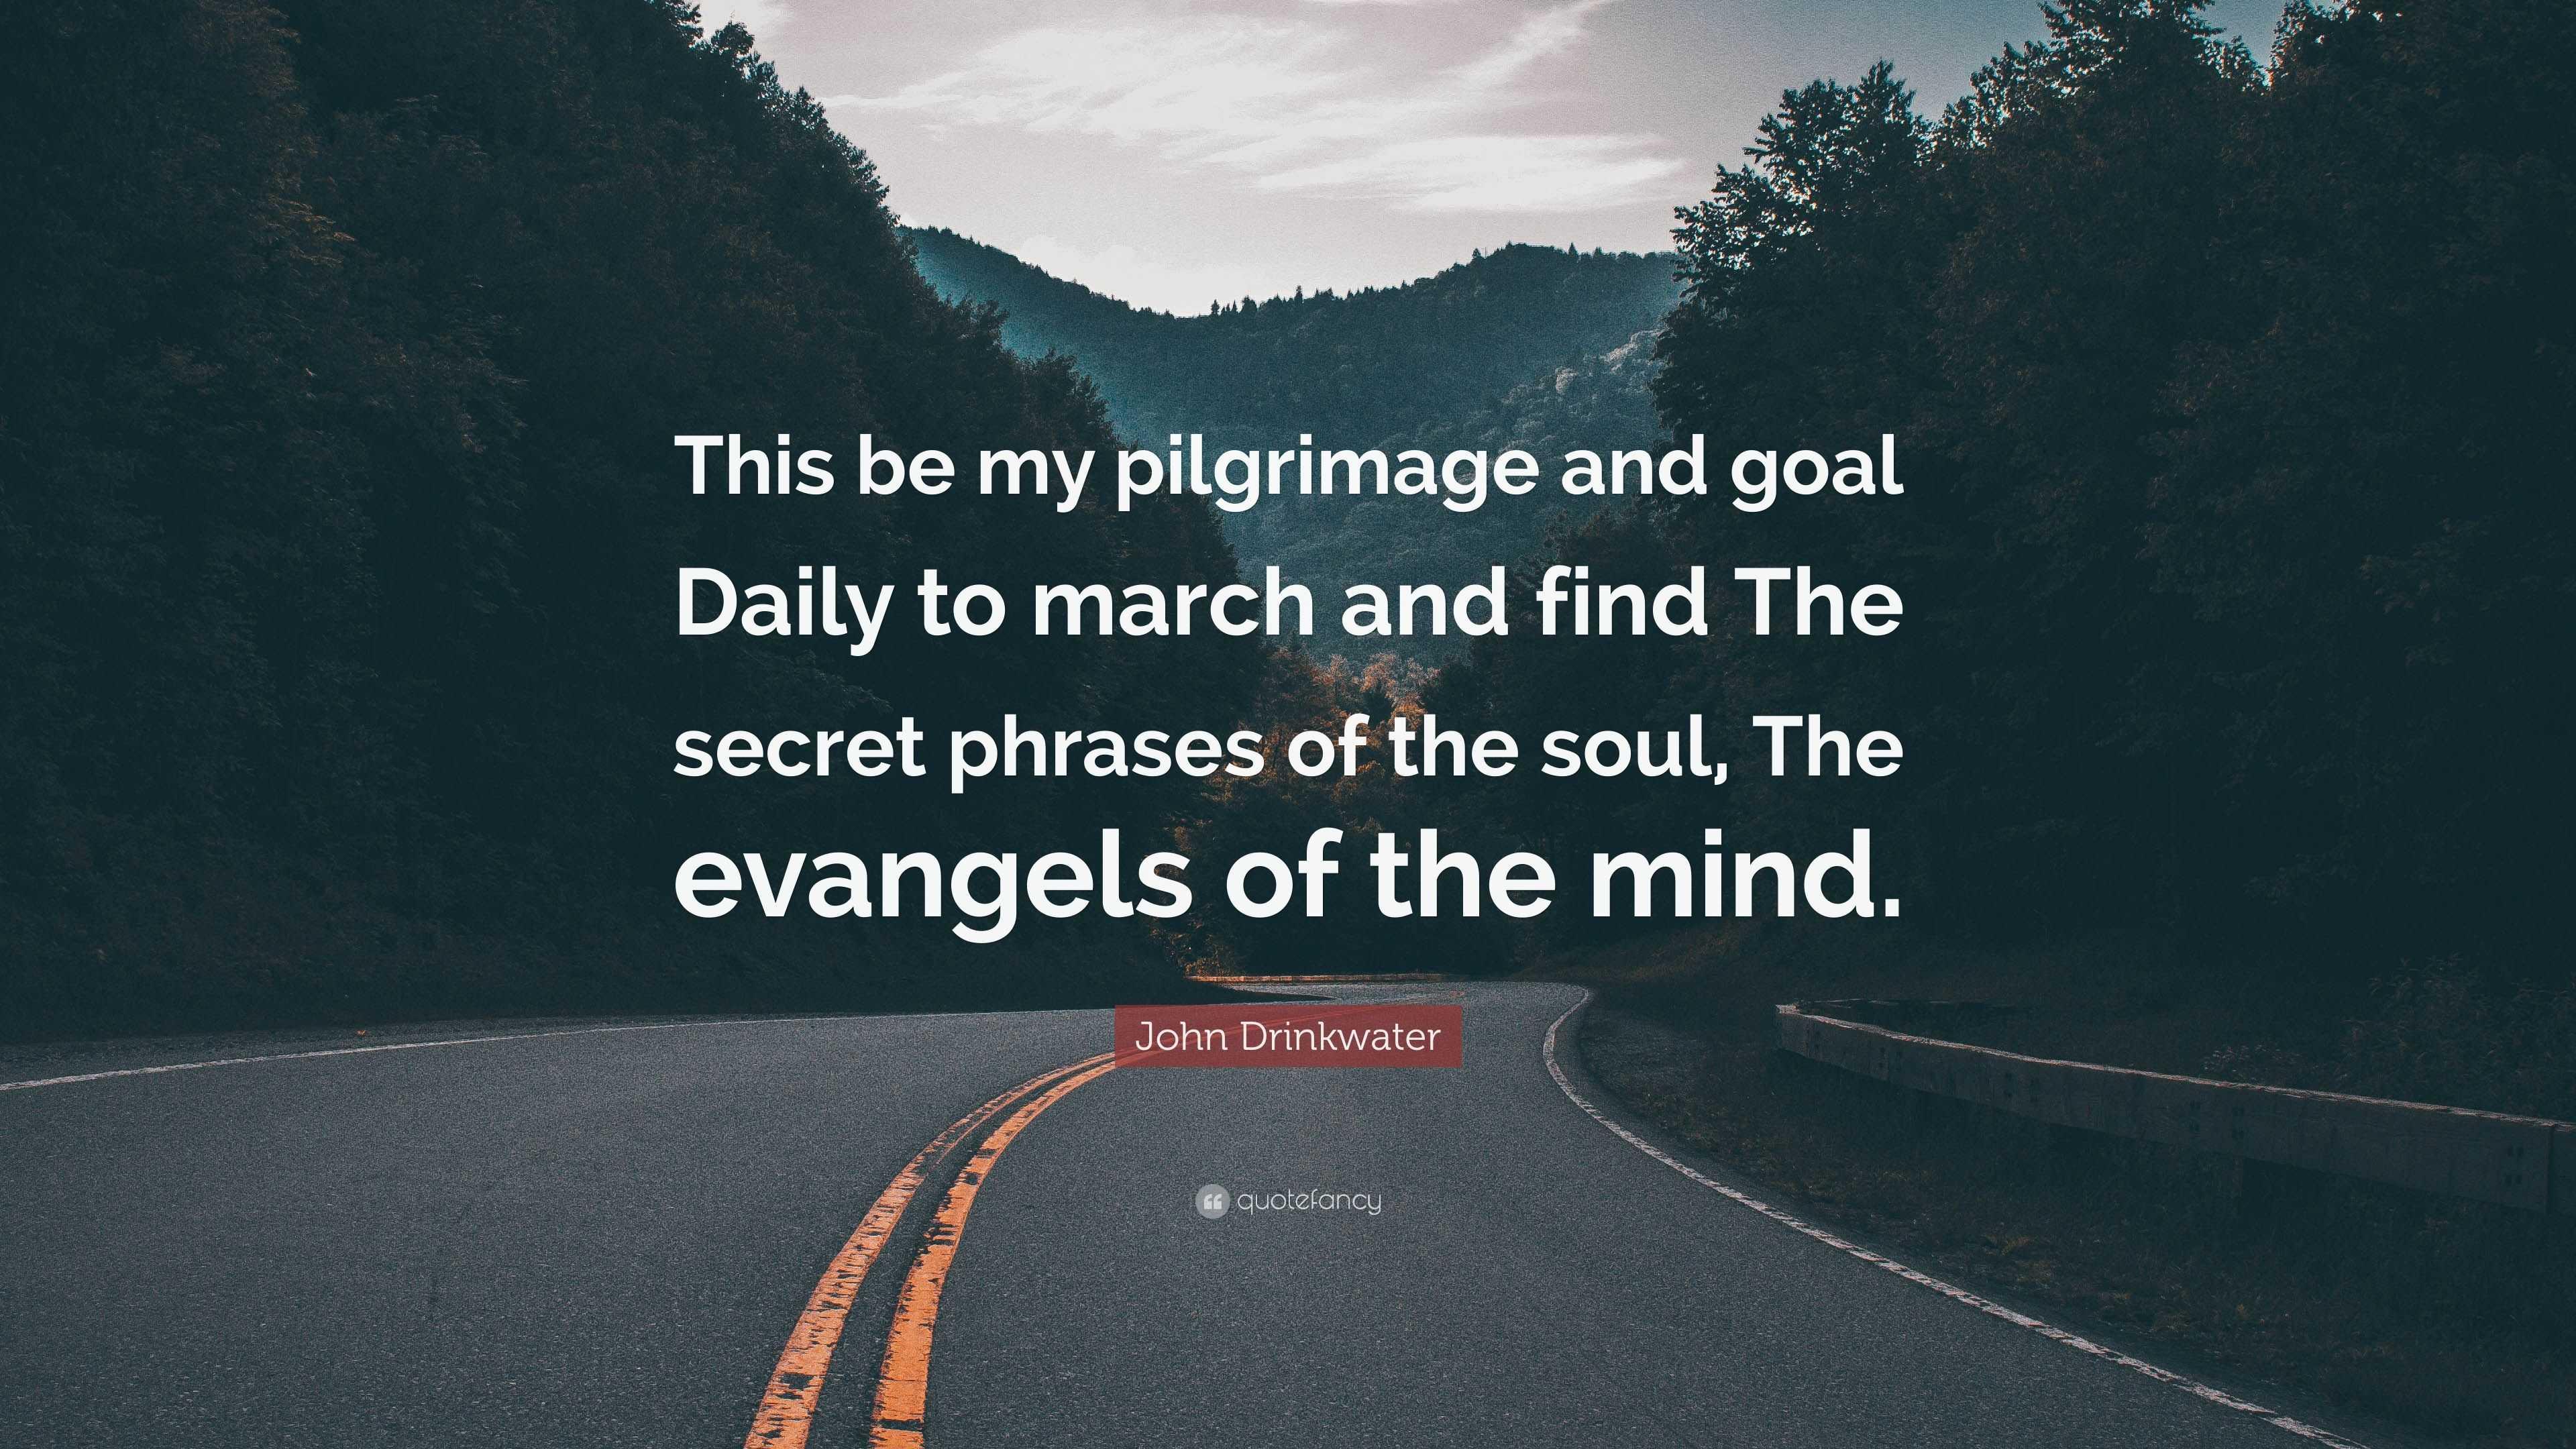 the secret phrases